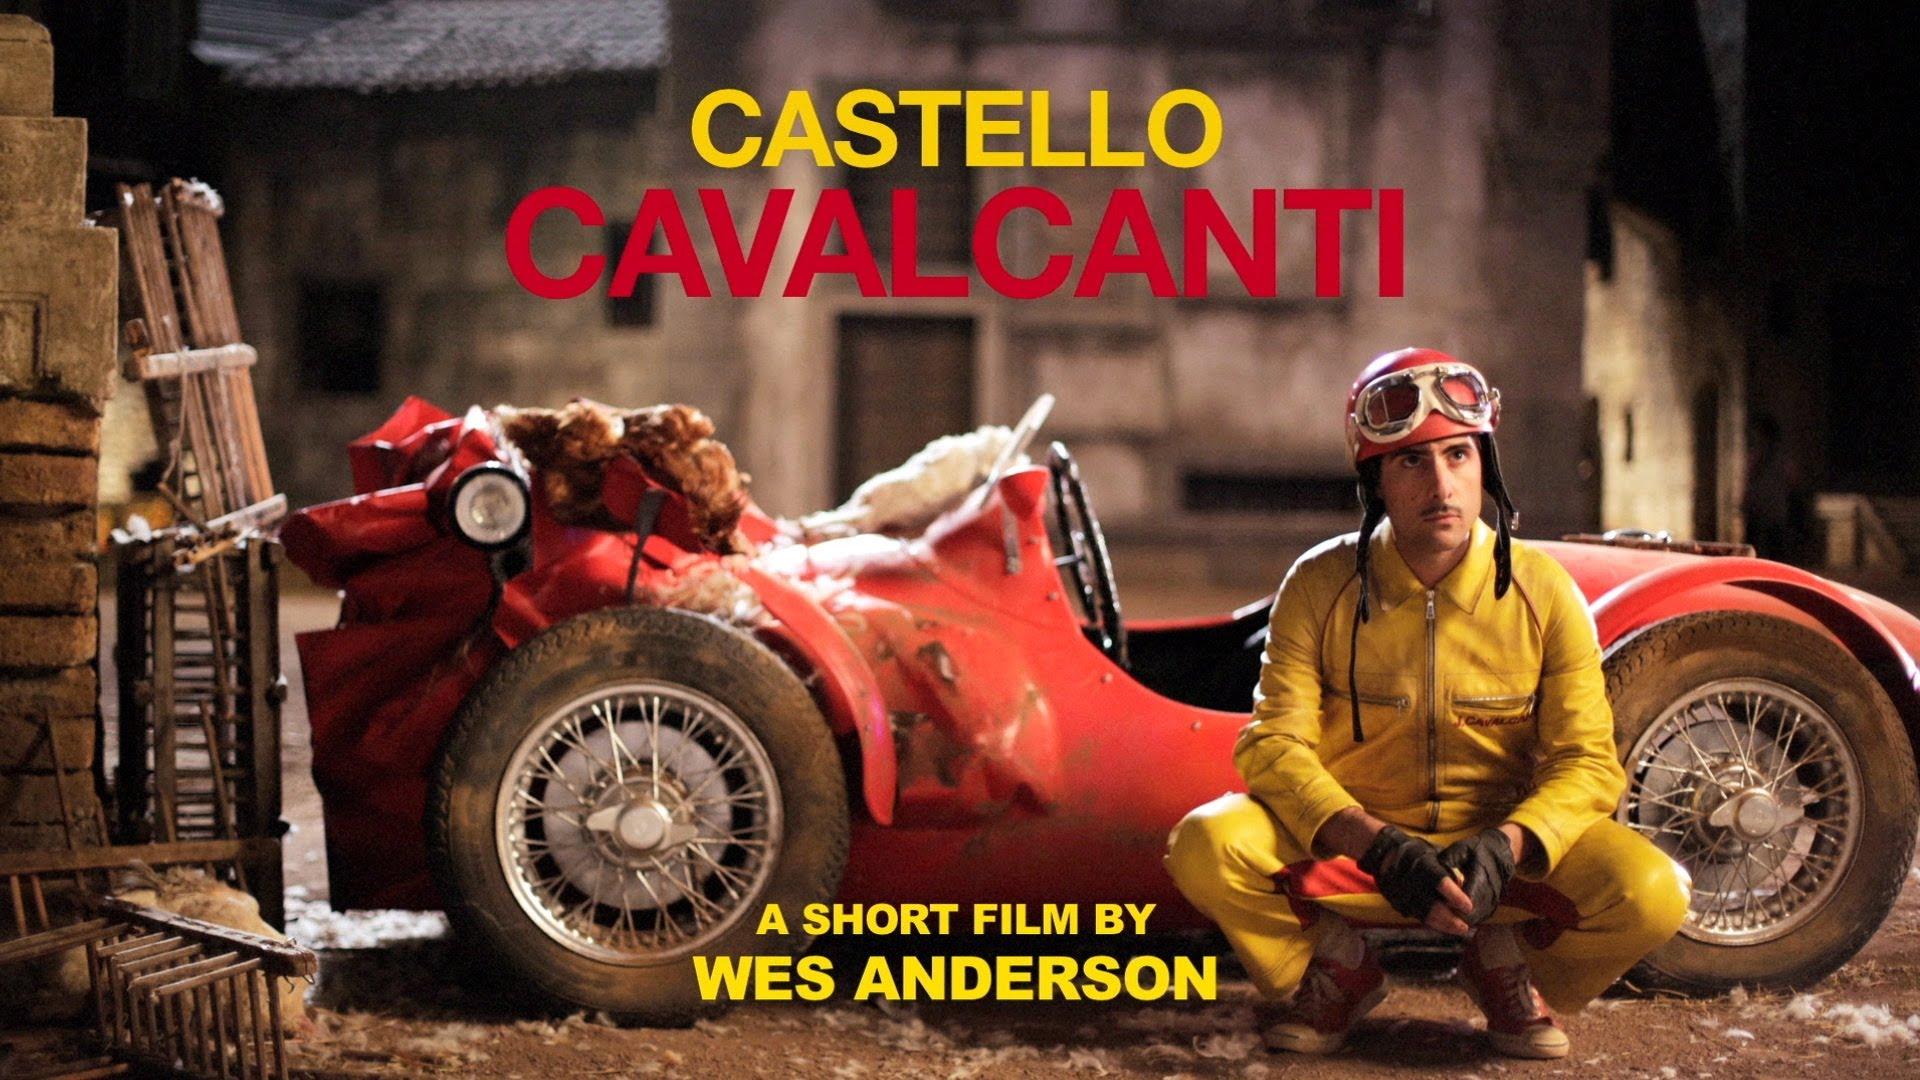 castello cavalcanti wes anderson